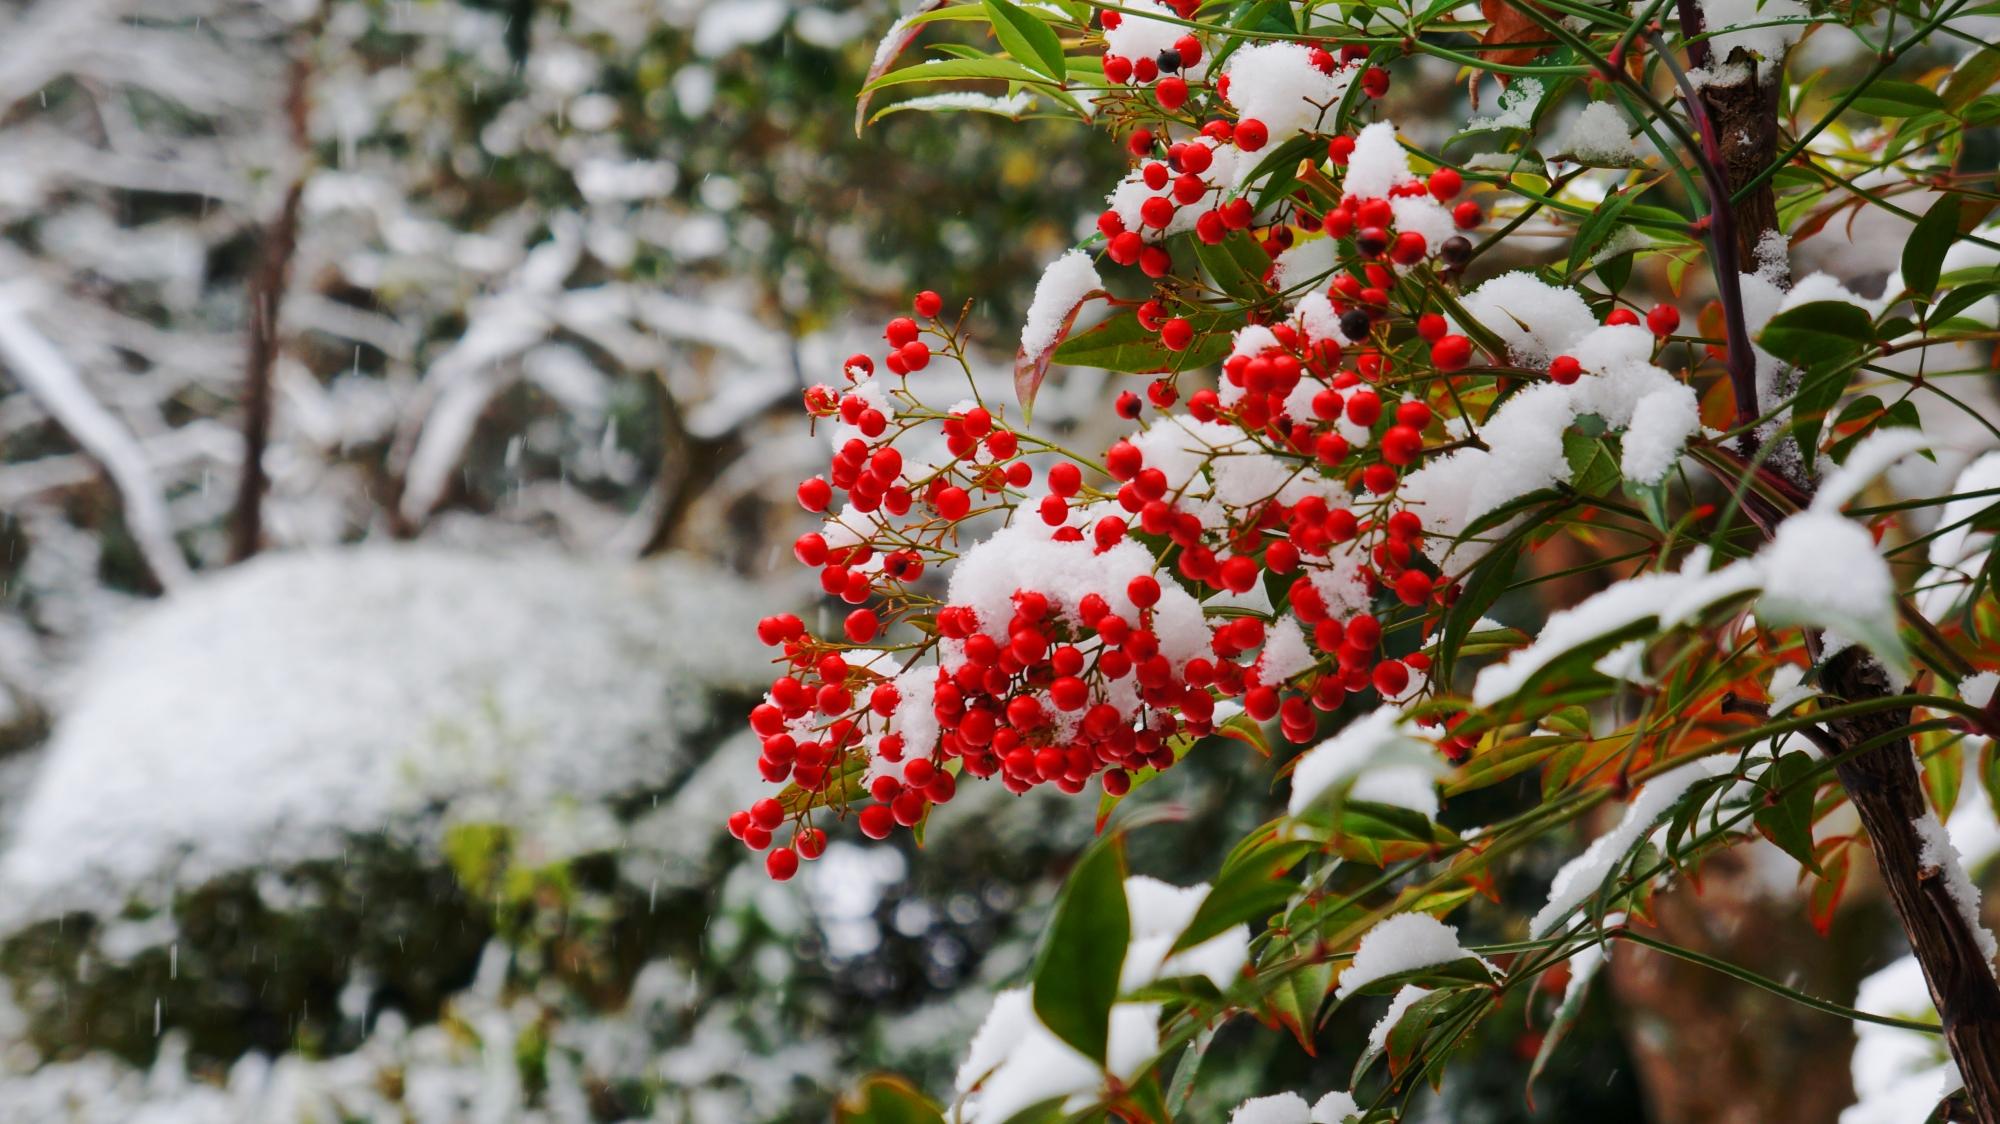 白い雪をかぶった赤い南天の実